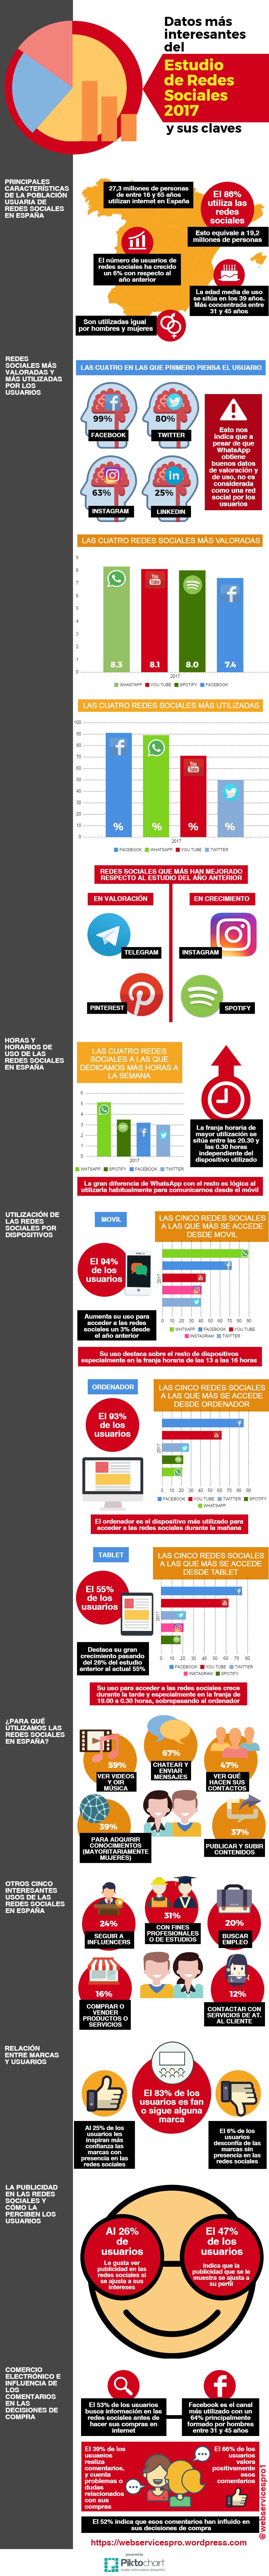 Datos interesantes sobre Redes Sociales en España